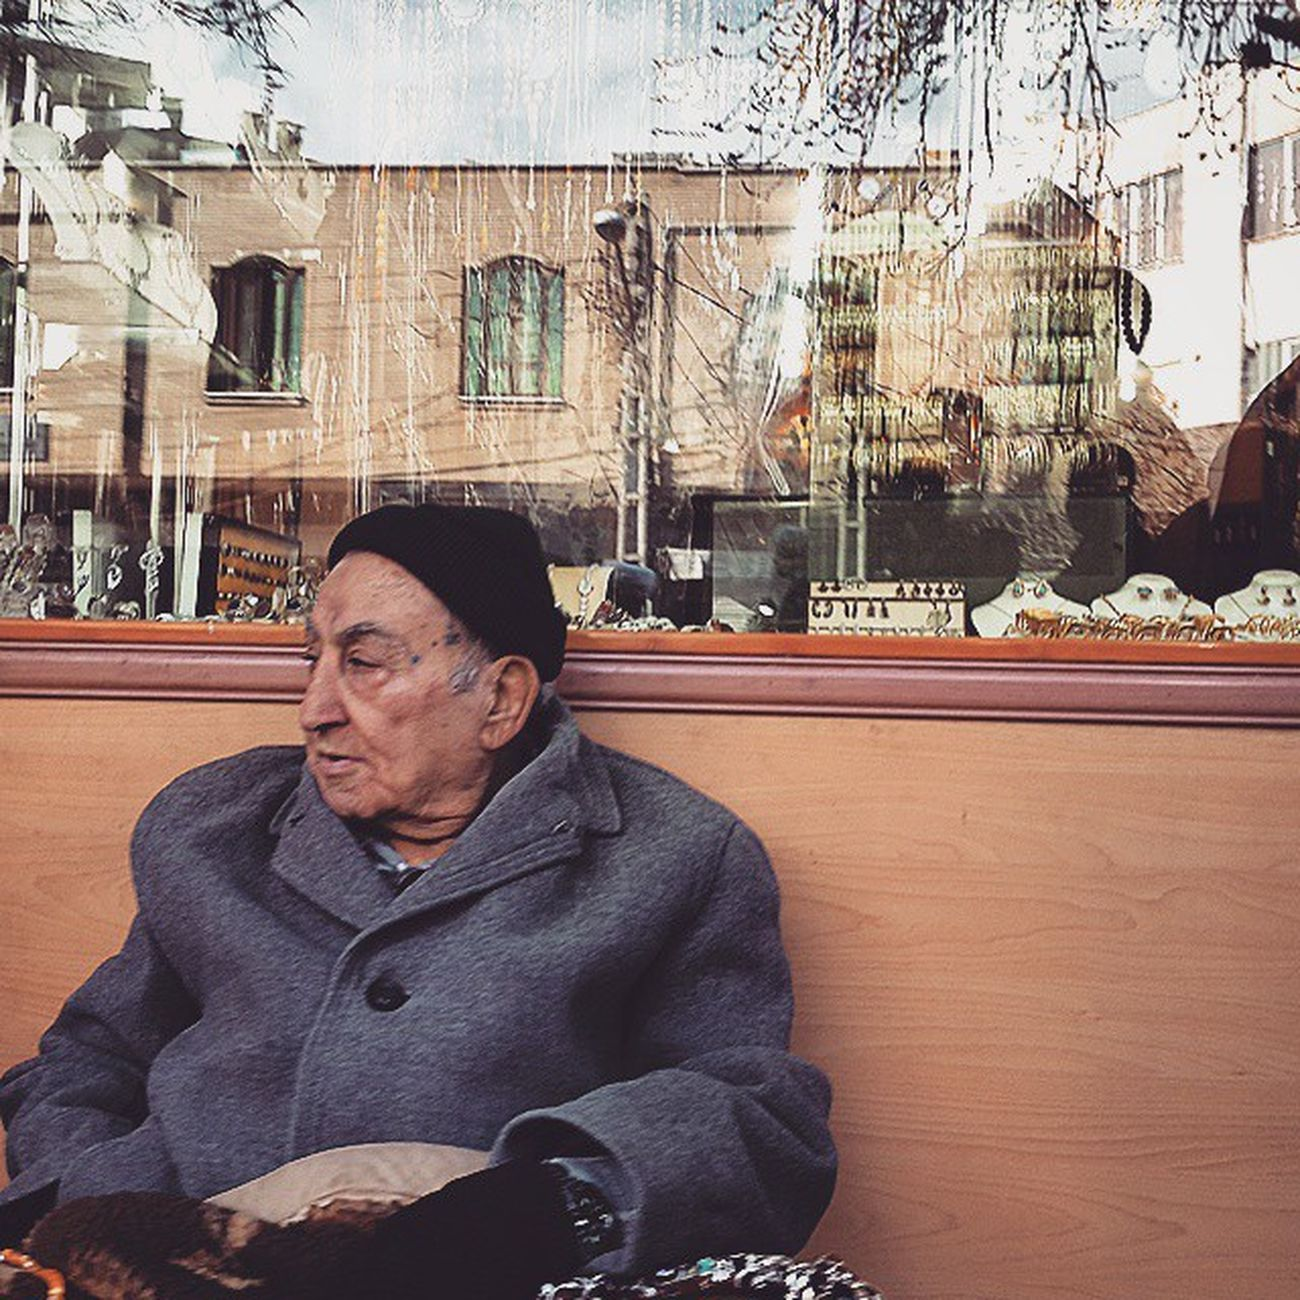 . پیرمرد انگشتر فروش بساط کارش رو در مقابل مغازه طلا فروش علم کرده . چه همزیستی گرمی در زمستان  پر سوز